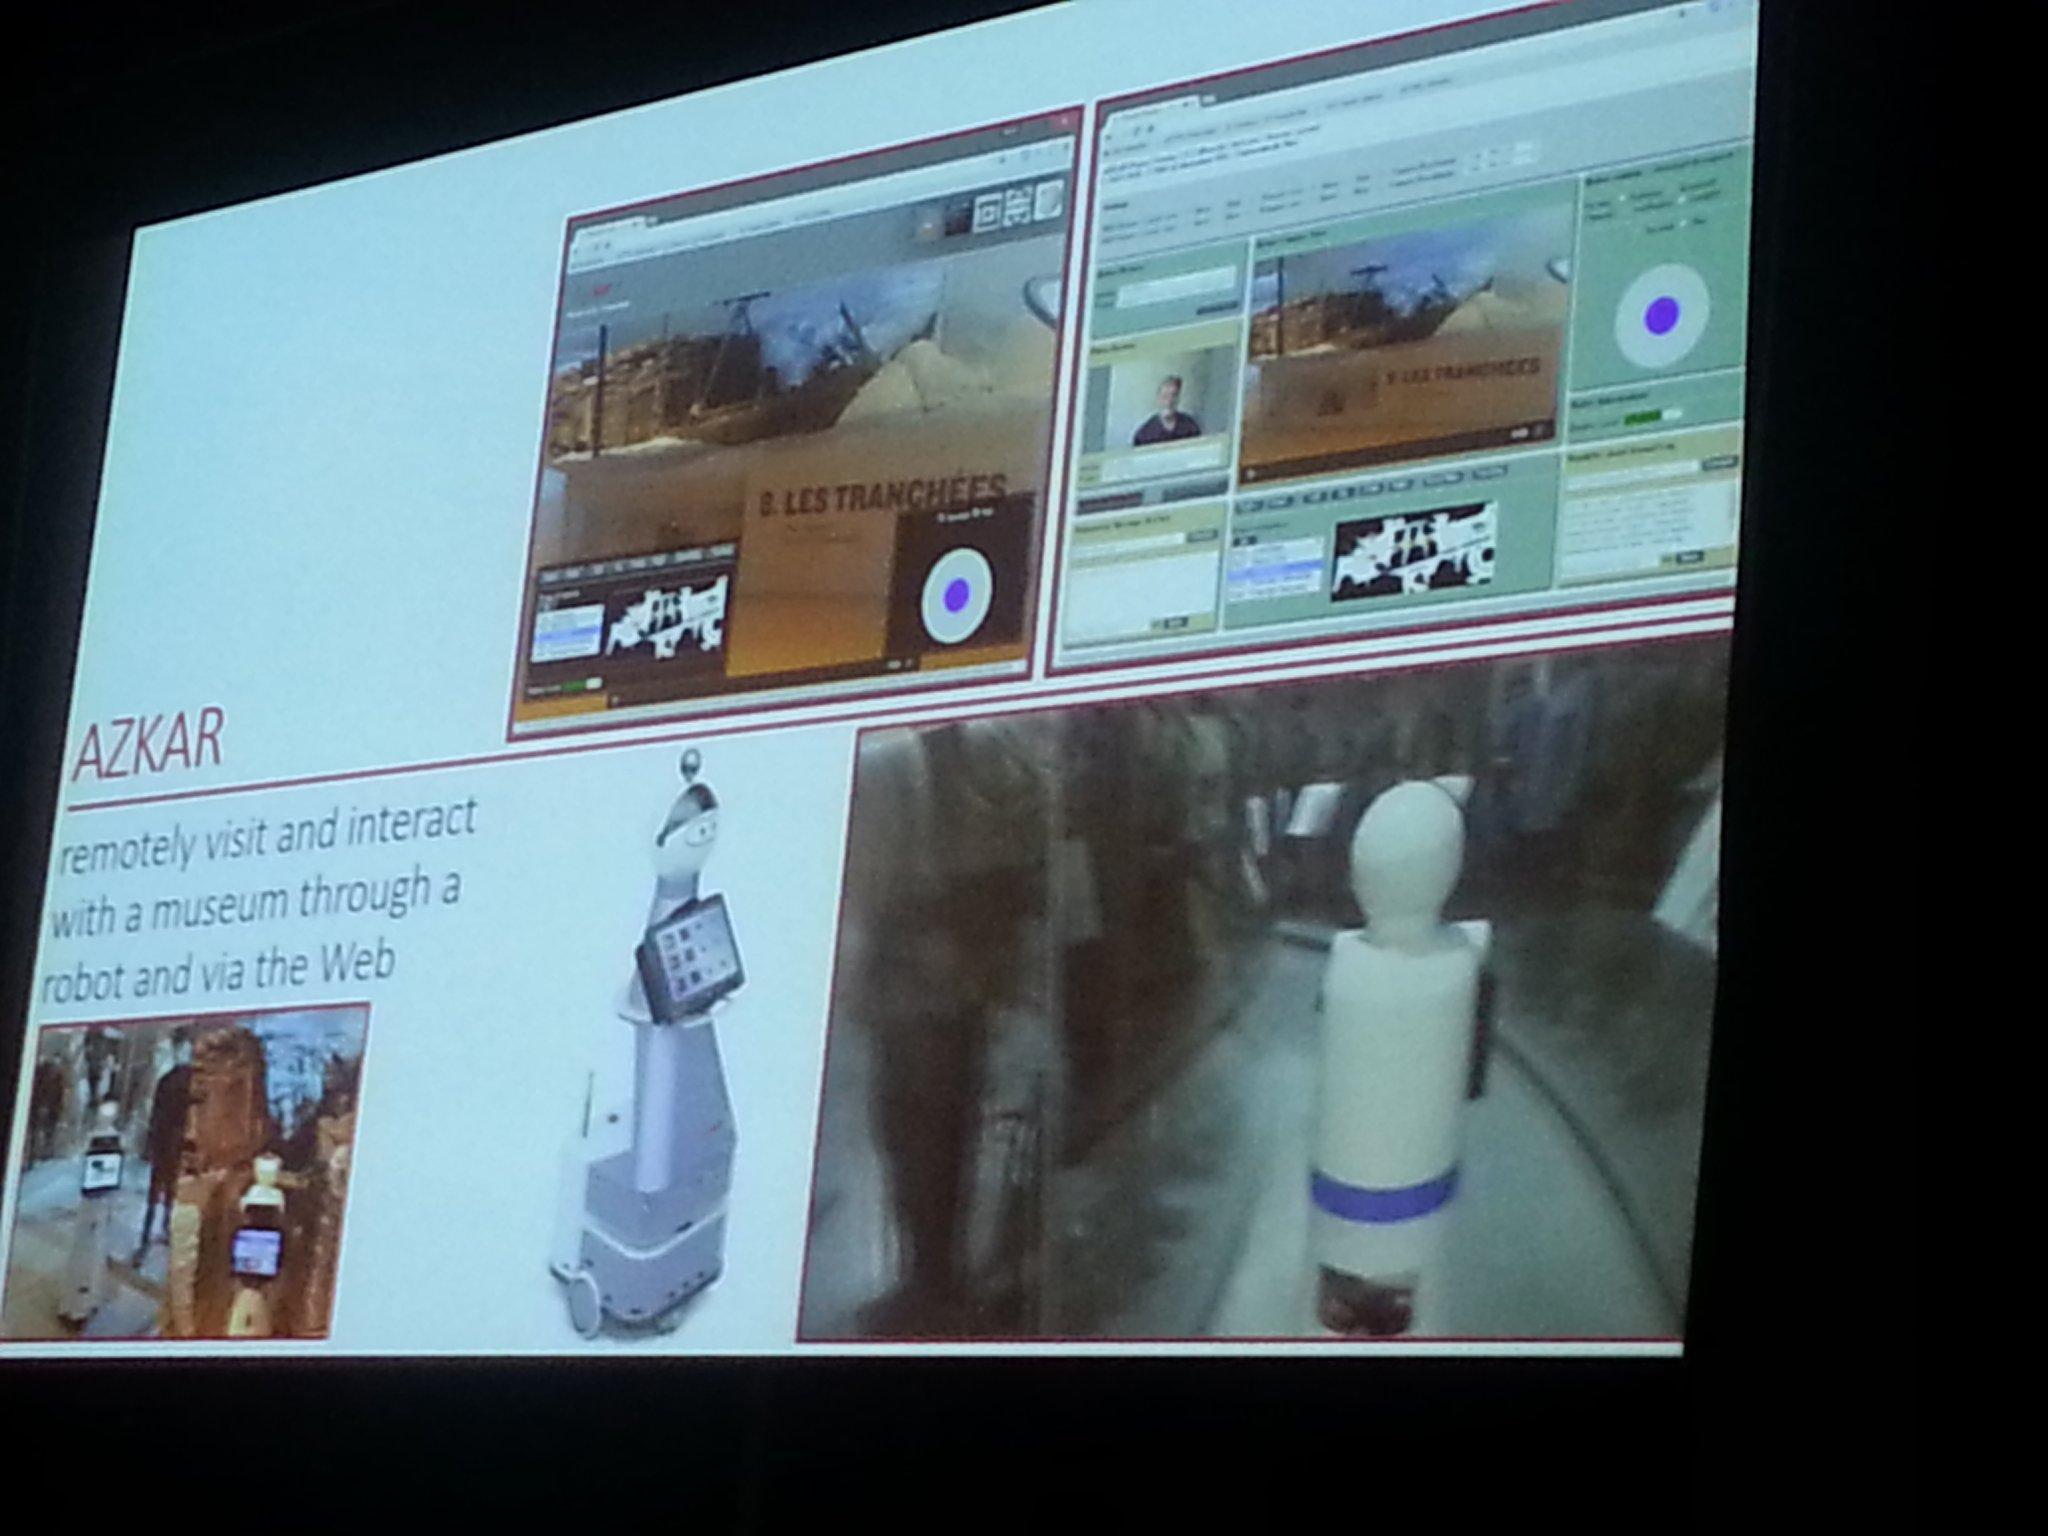 Projet Azjar avec le Musée de la Grande Guerre à Meaux et @Inria  : visiter un Musée à distance avec un robot #WebSemMCC https://t.co/vrDAwLvtgS